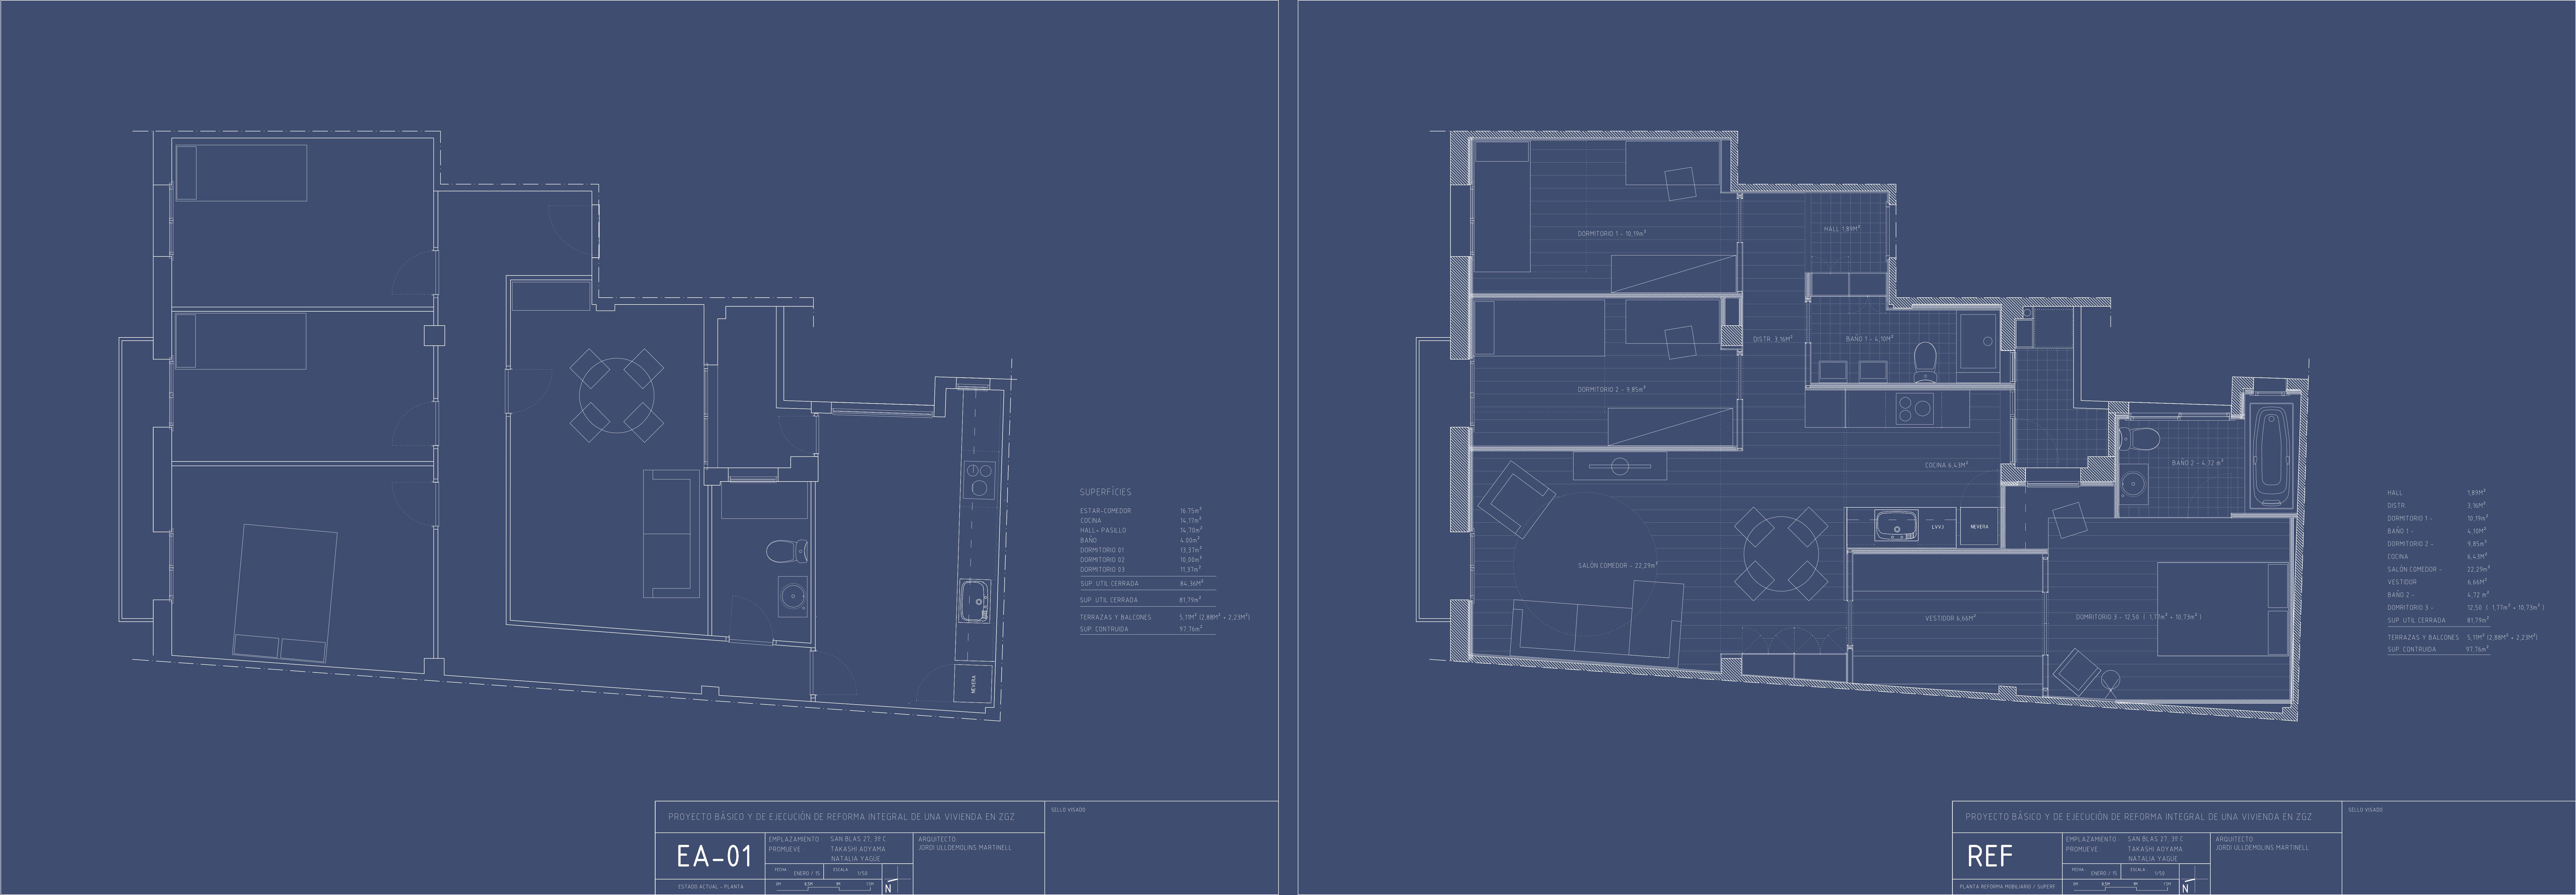 Reforma integral de una vivienda en c san blas zaragoza for Cuanto cuesta una reforma integral de una casa